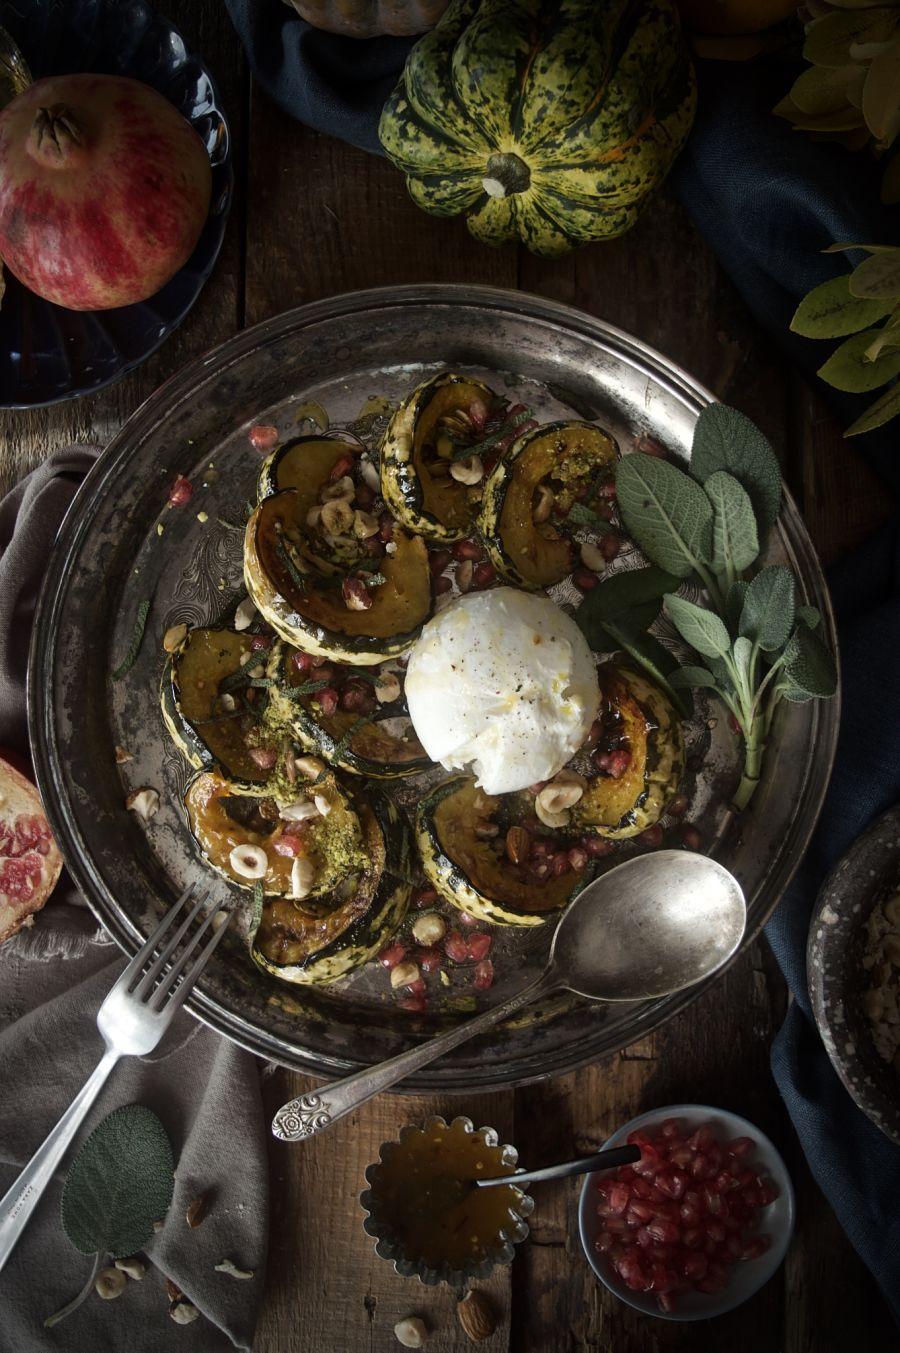 ensalada-templada-de-calabaza-al-horno-con burrata-y-frutos-secos